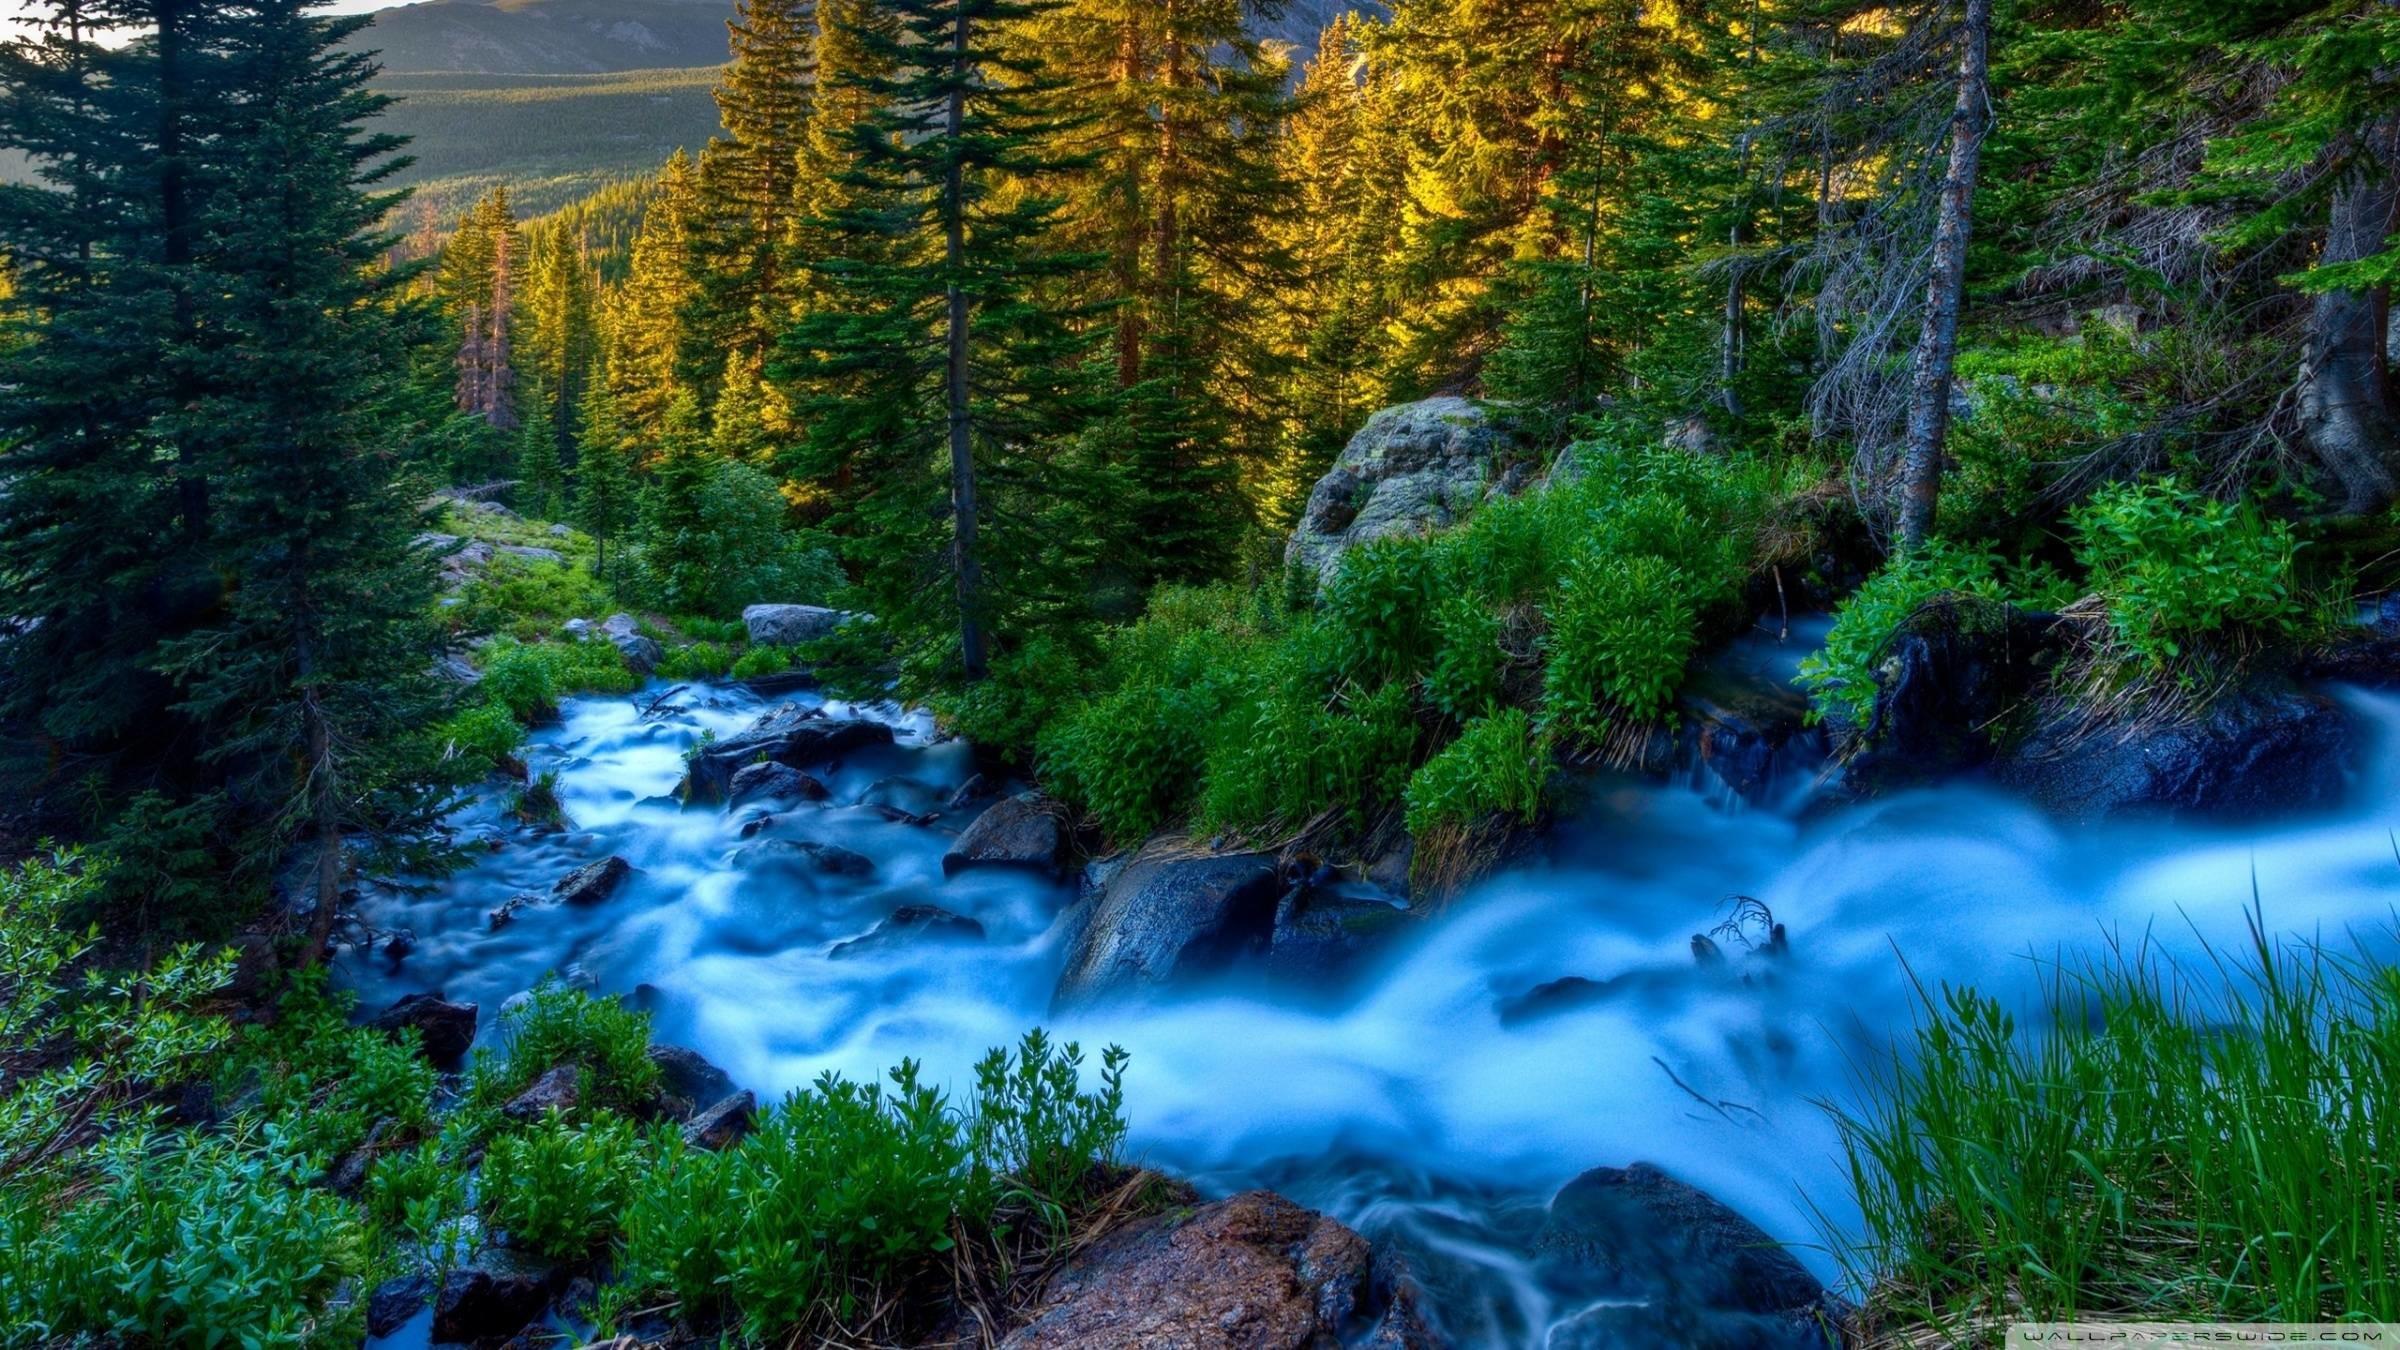 Fonds d'écran Nature : tous les wallpapers Nature